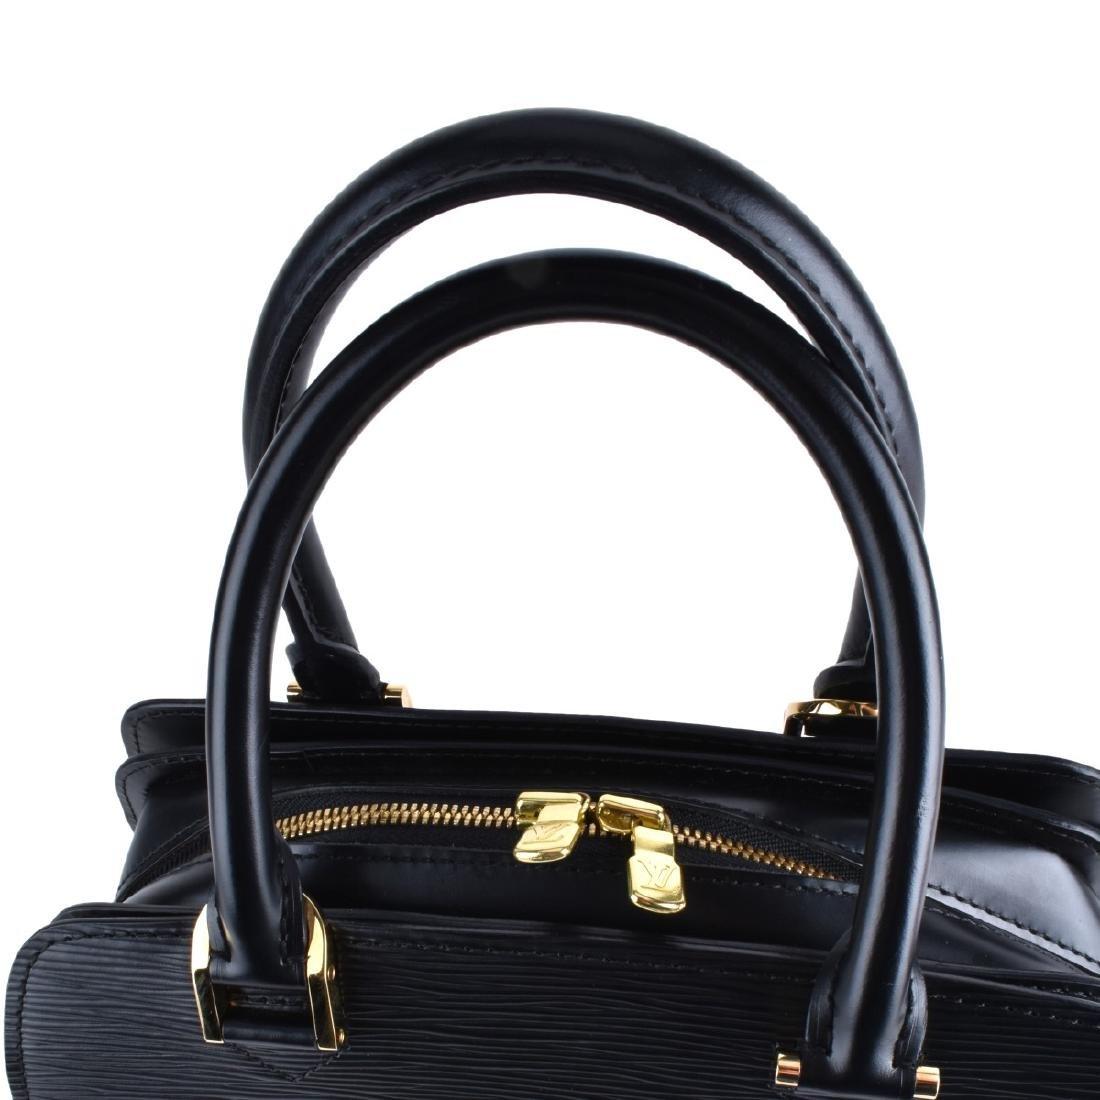 Louis Vuitton Black Epi Leather Pont-Neuf Handbag - 2